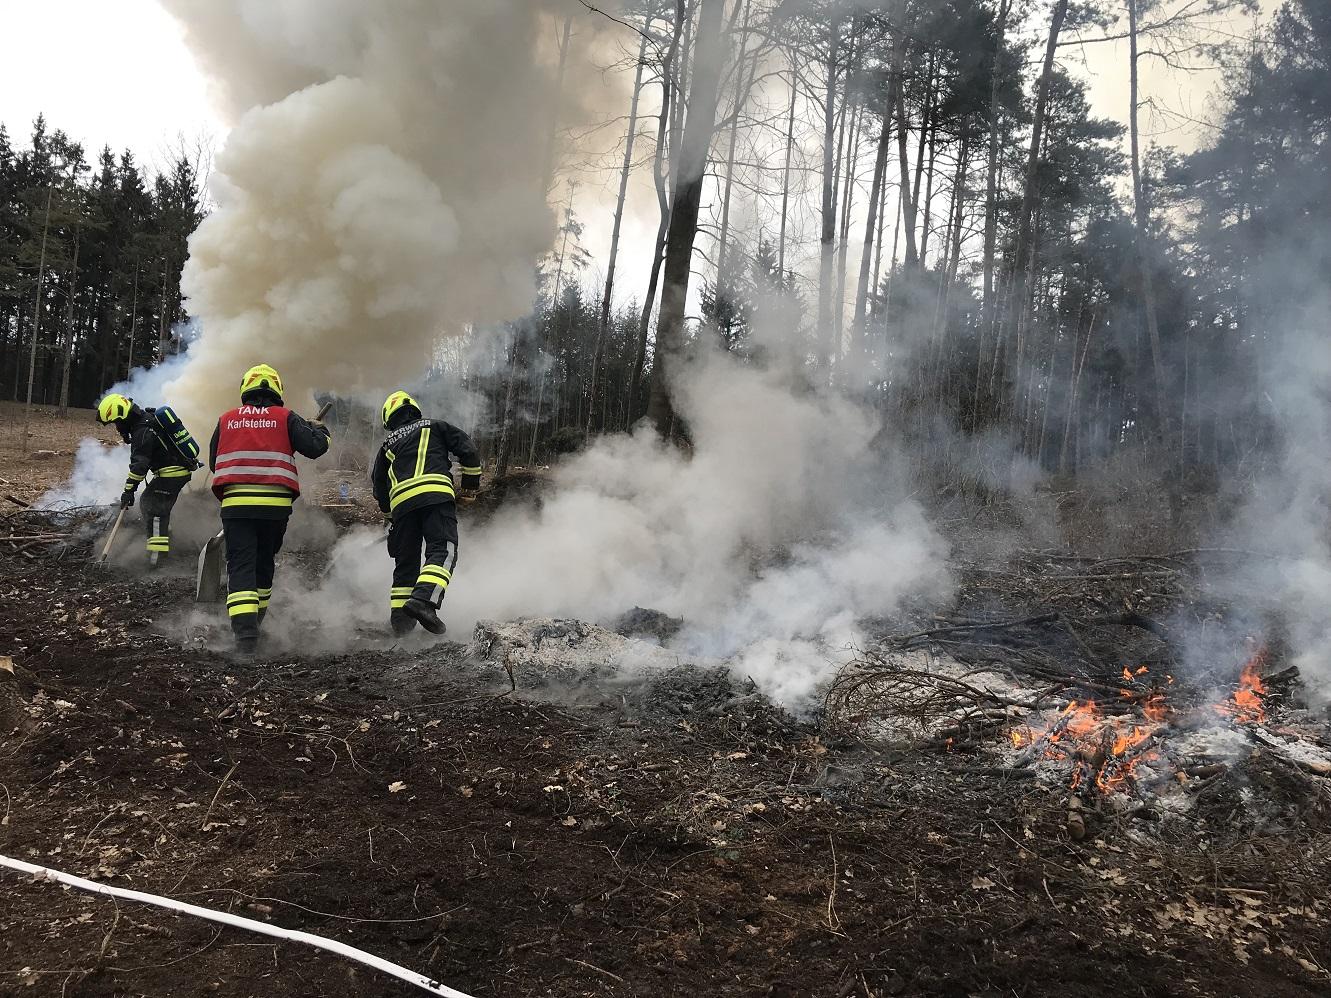 Verordnung zur Vermeidung von Waldbränden